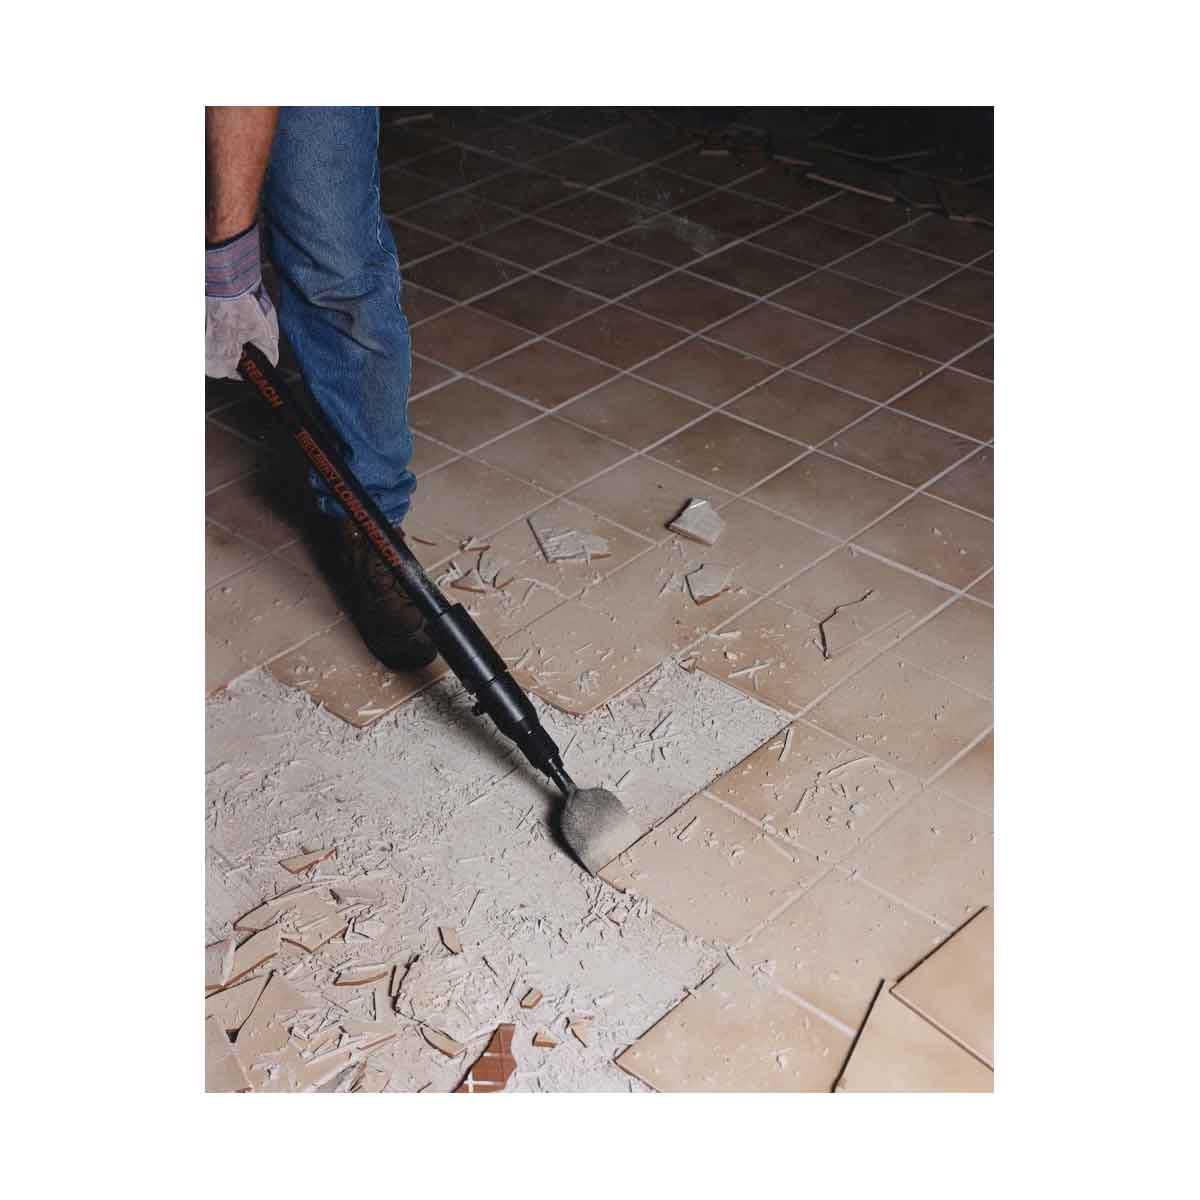 Trelawny Chisel for Tile Removal